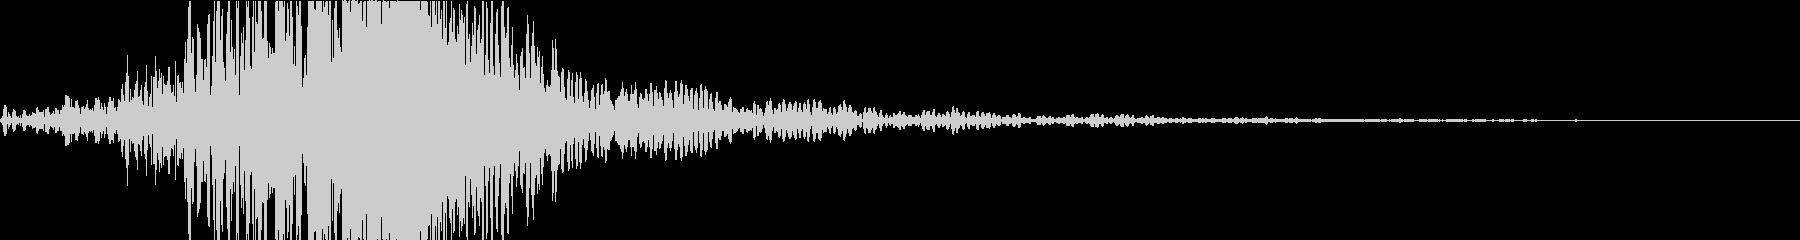 和太鼓ダラララドン(残響音なし)の未再生の波形